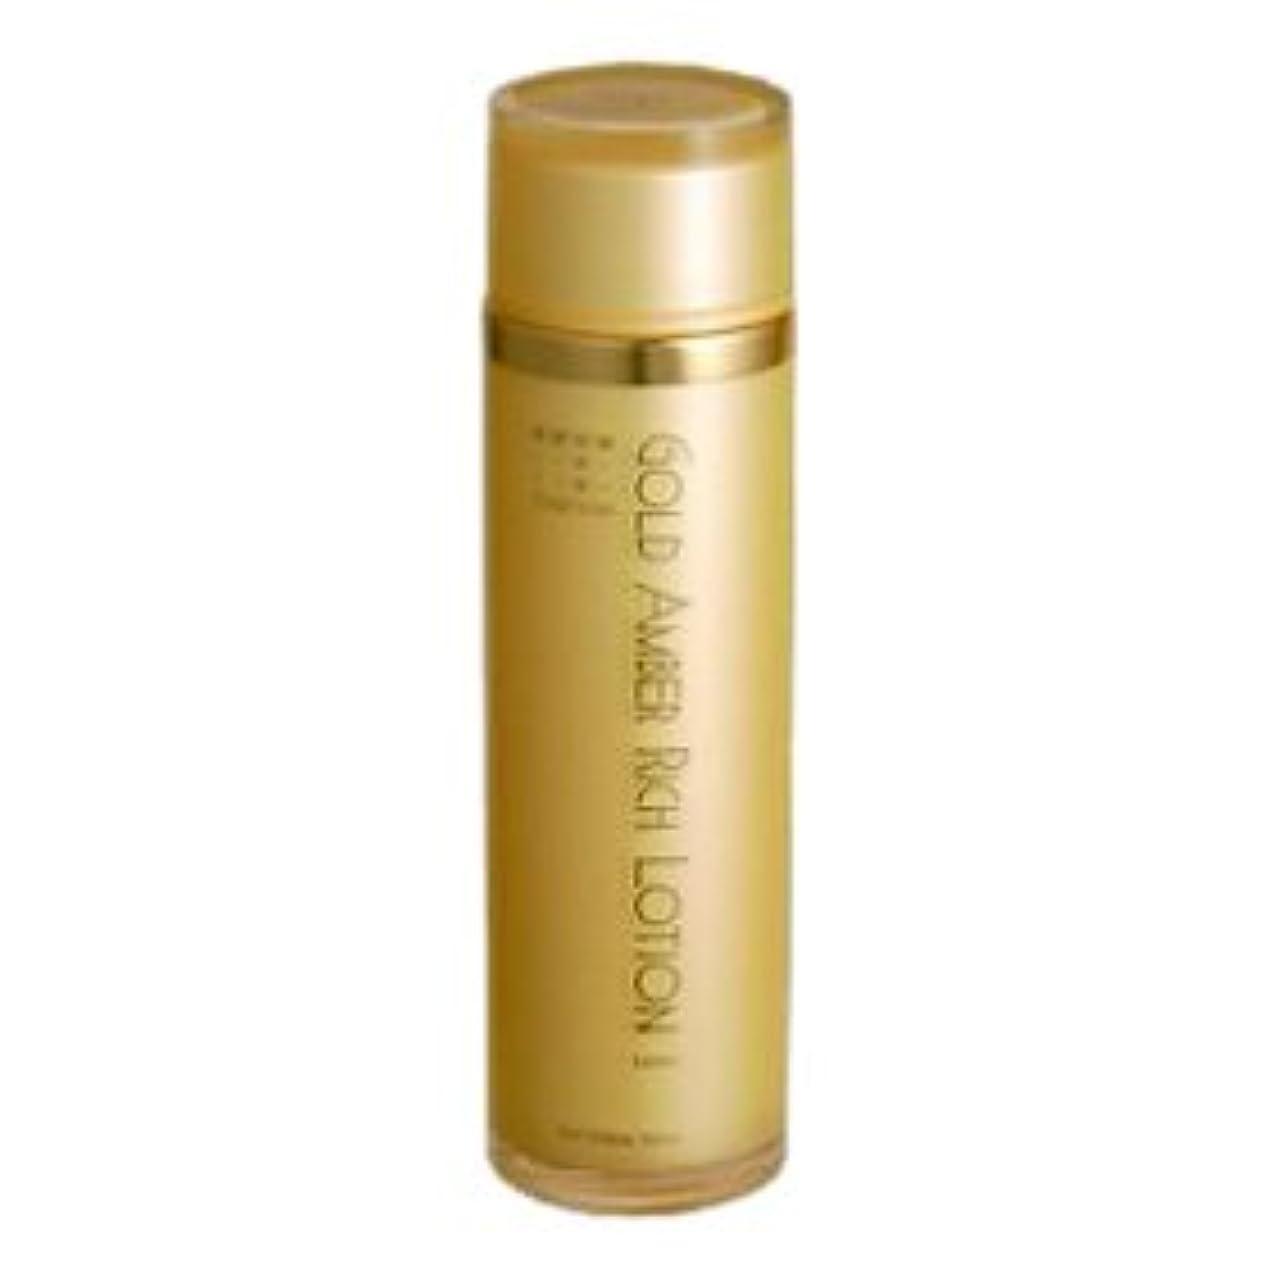 賞賛する十年実用的コスメプラウド ゴールドアンバーリッチローション120ml(化粧水)